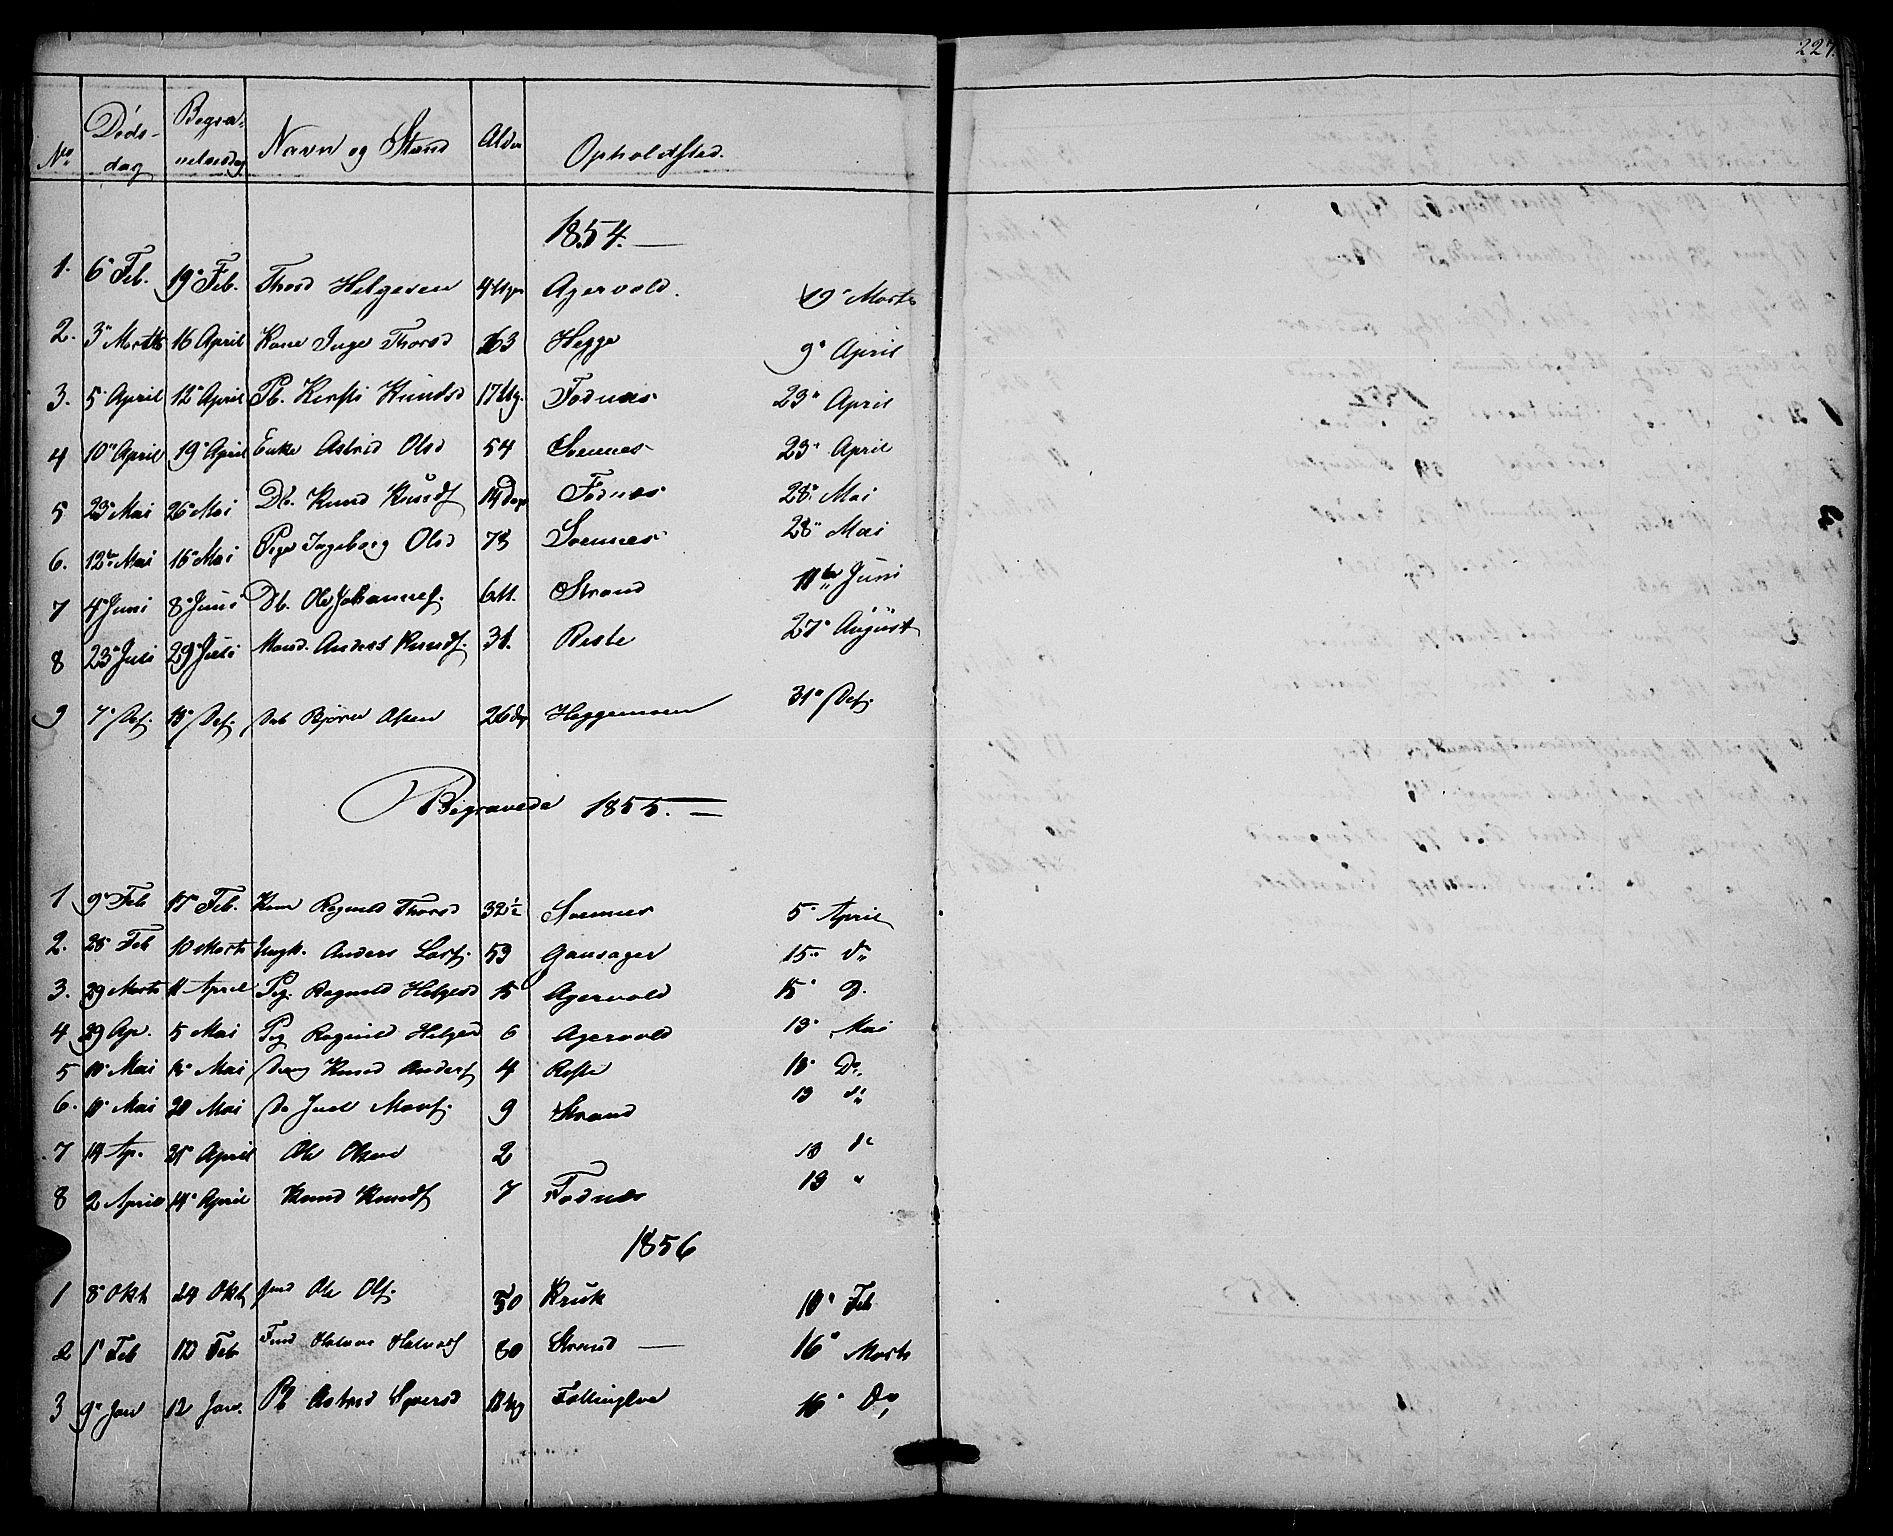 SAH, Nord-Aurdal prestekontor, Klokkerbok nr. 3, 1842-1882, s. 227